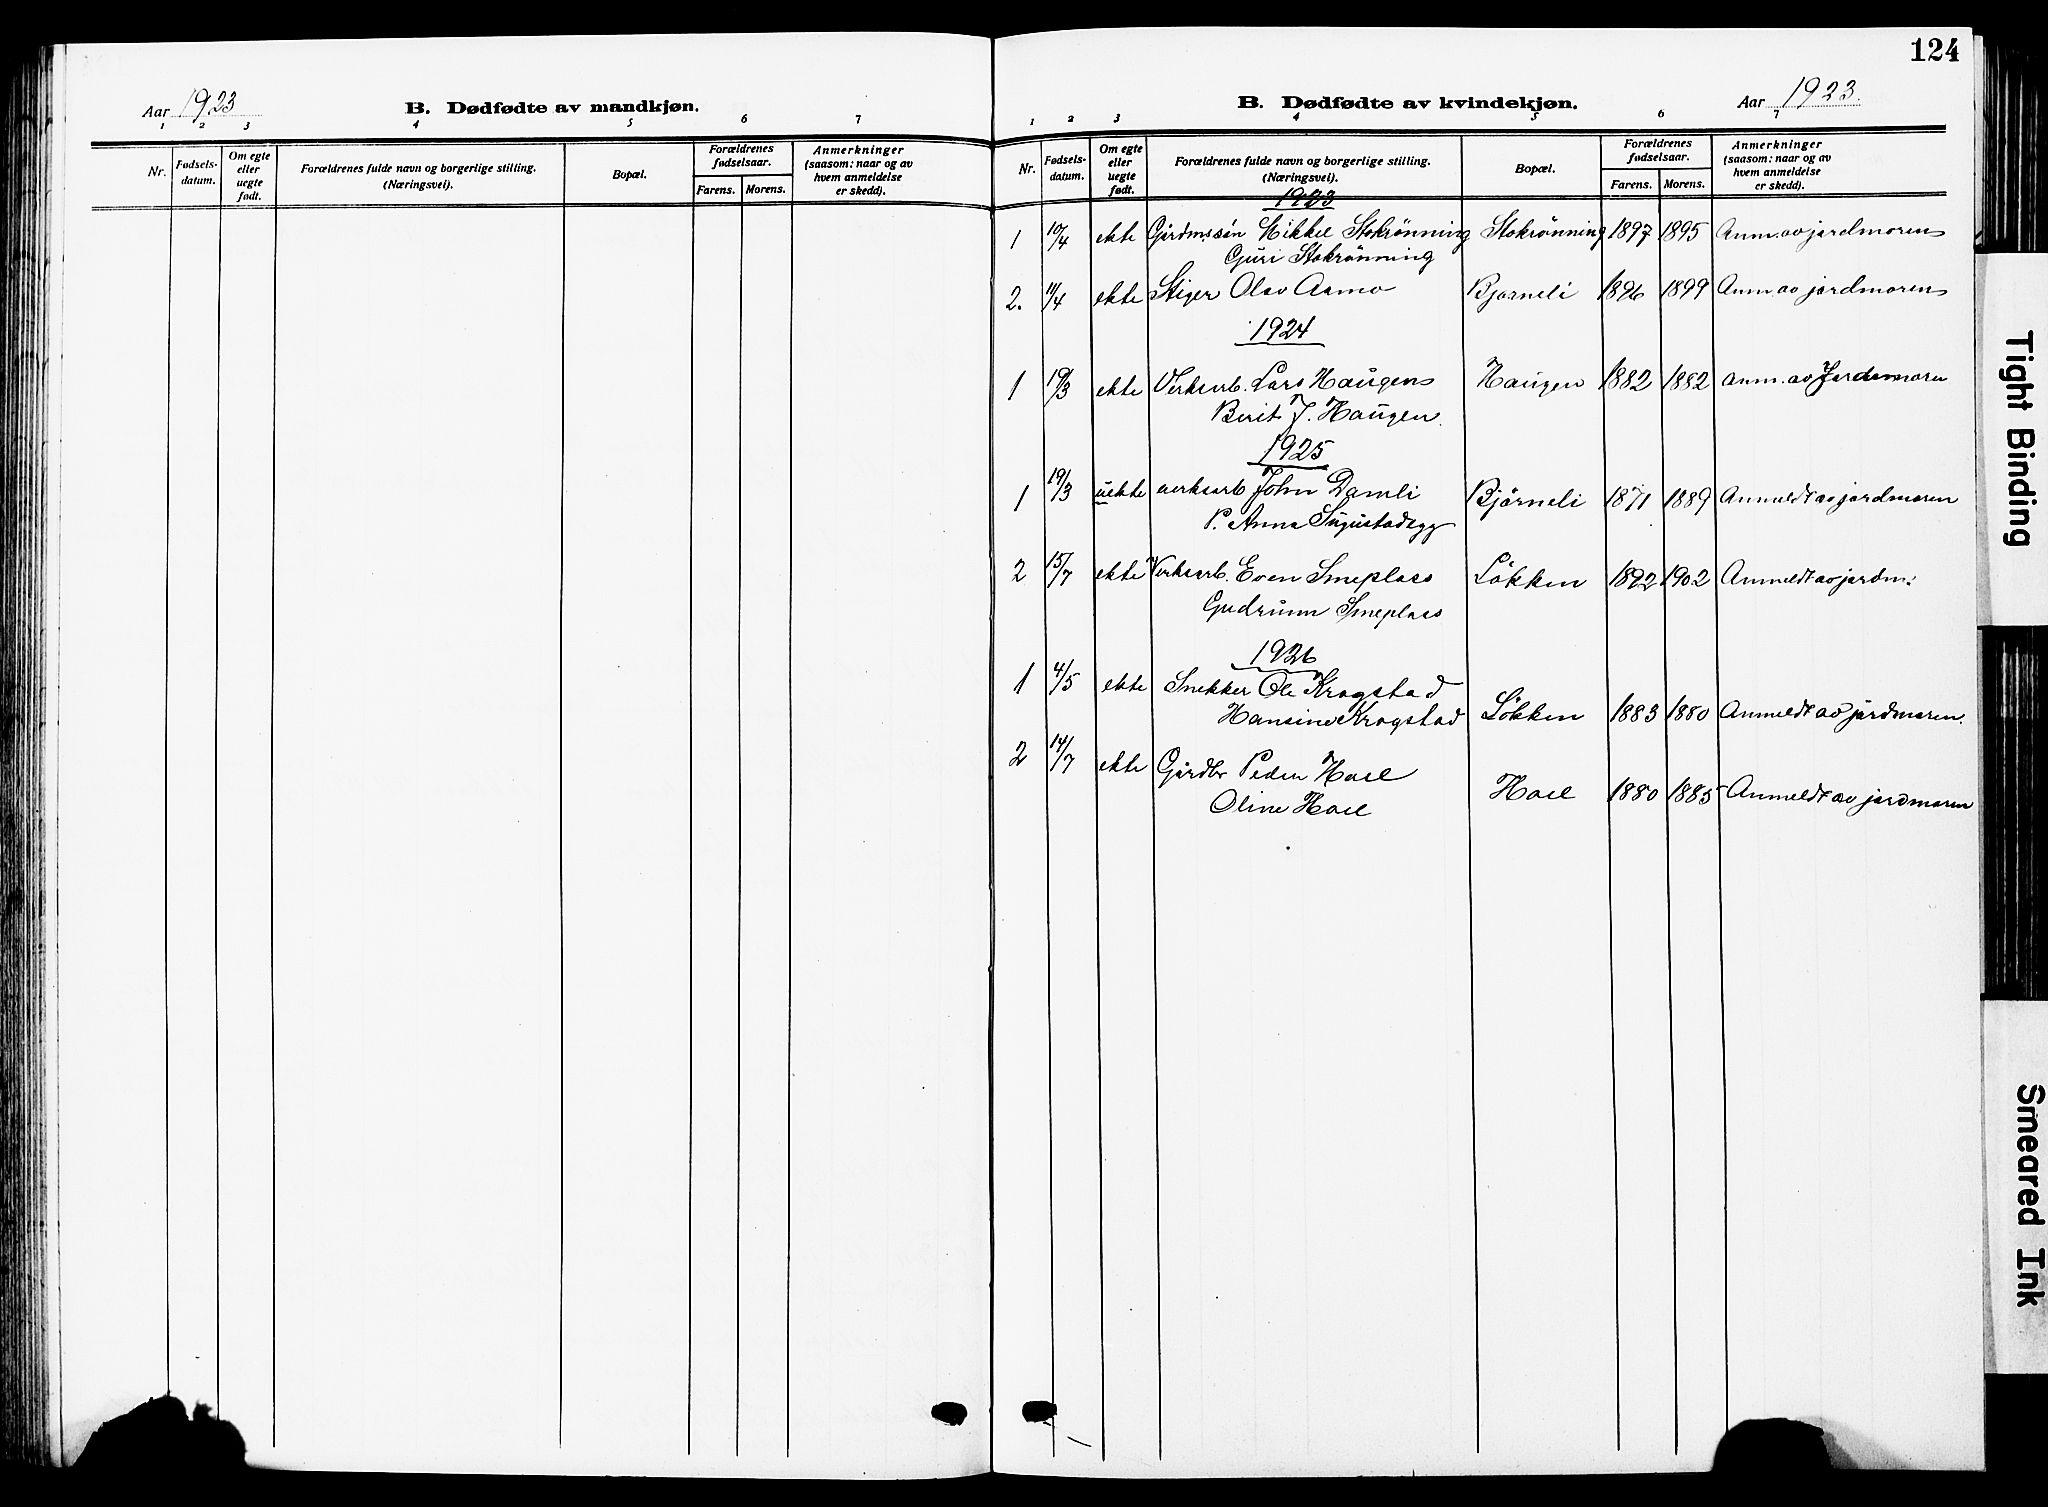 SAT, Ministerialprotokoller, klokkerbøker og fødselsregistre - Sør-Trøndelag, 672/L0865: Klokkerbok nr. 672C04, 1914-1928, s. 124